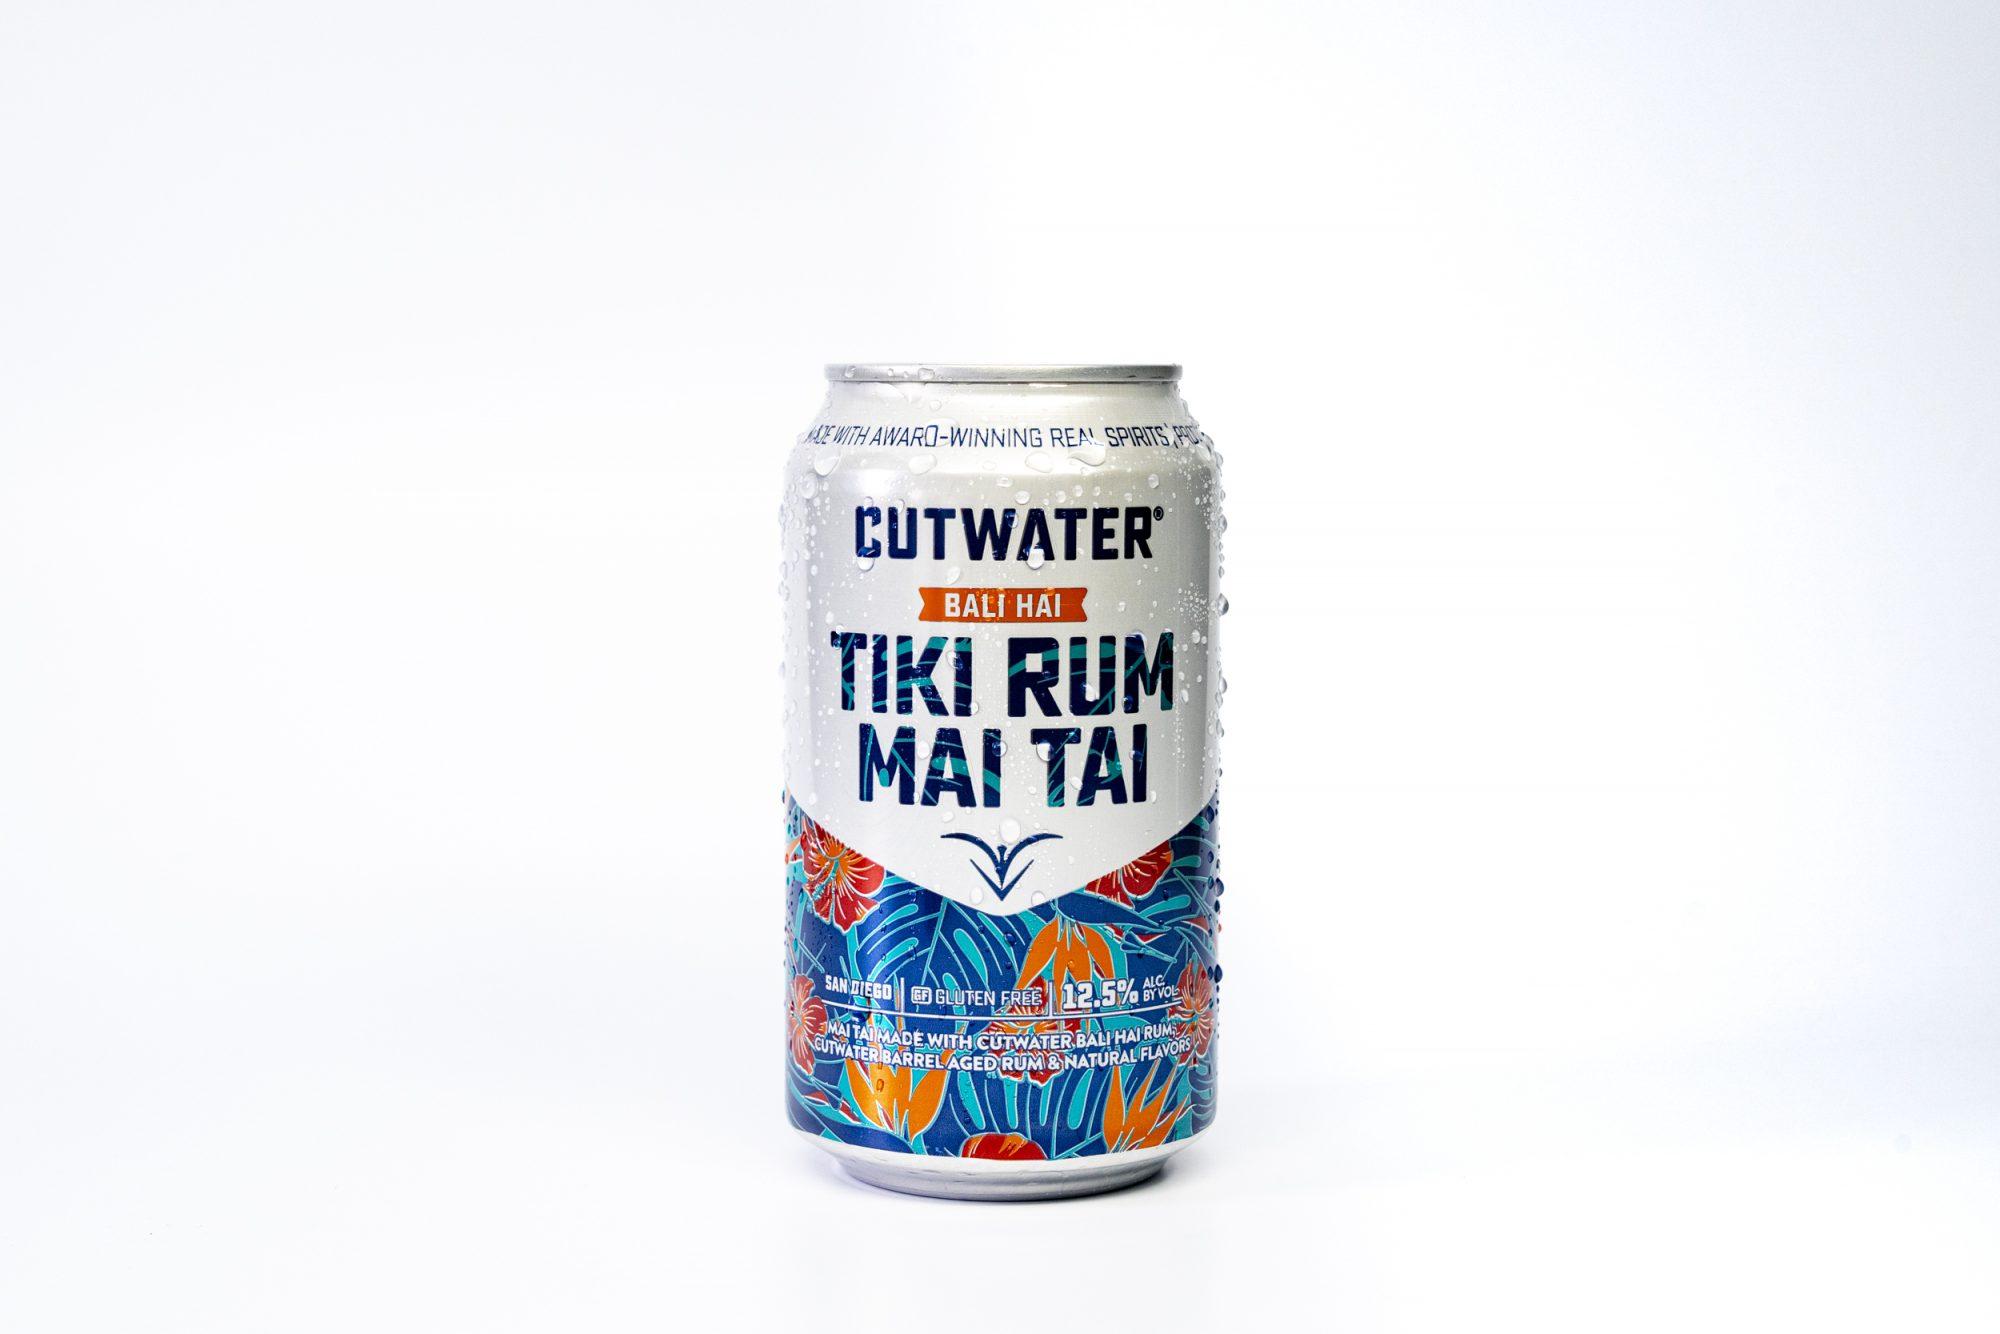 Can of Cutwater Tiki Rum Mai Tai